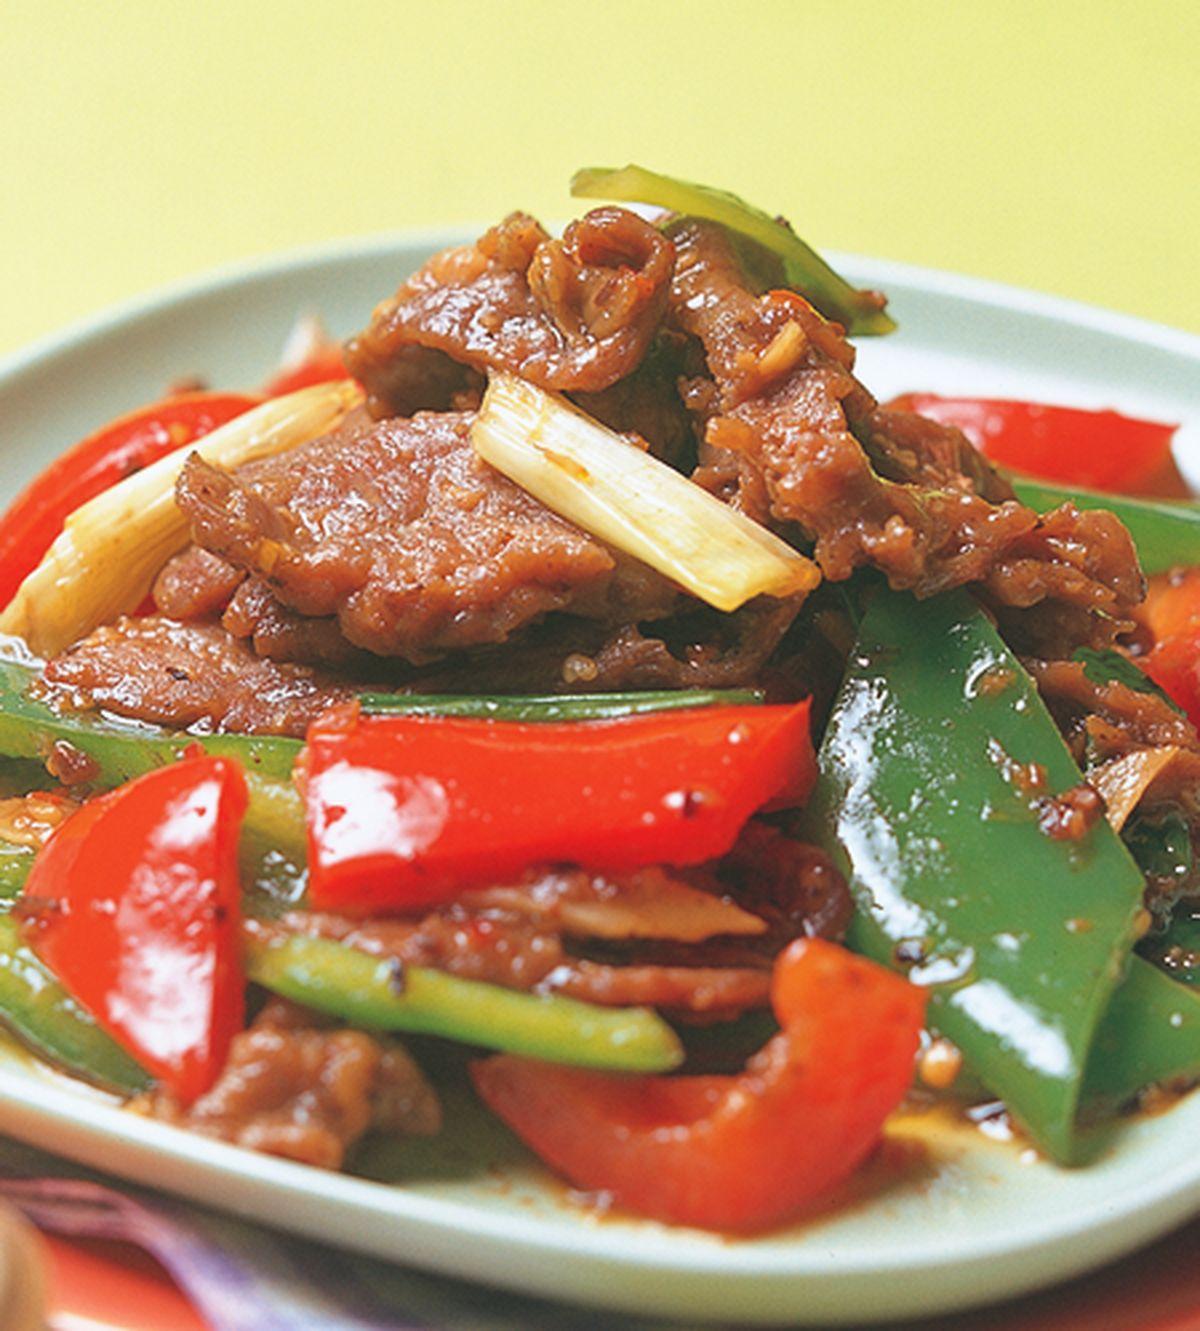 食譜:豉椒炒牛肉